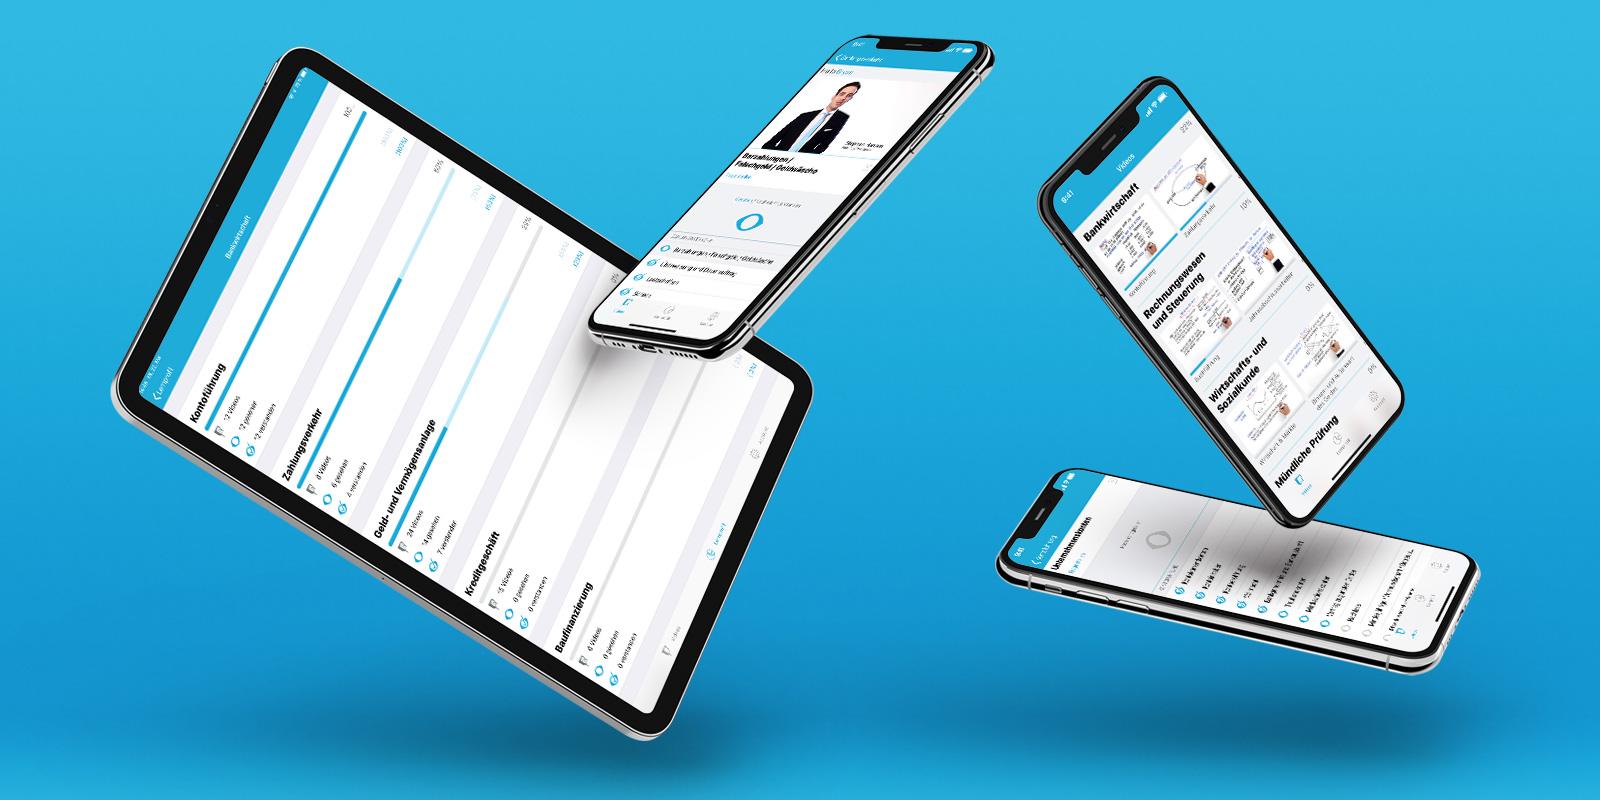 Prüfungs.TV, Android- & iOS-App